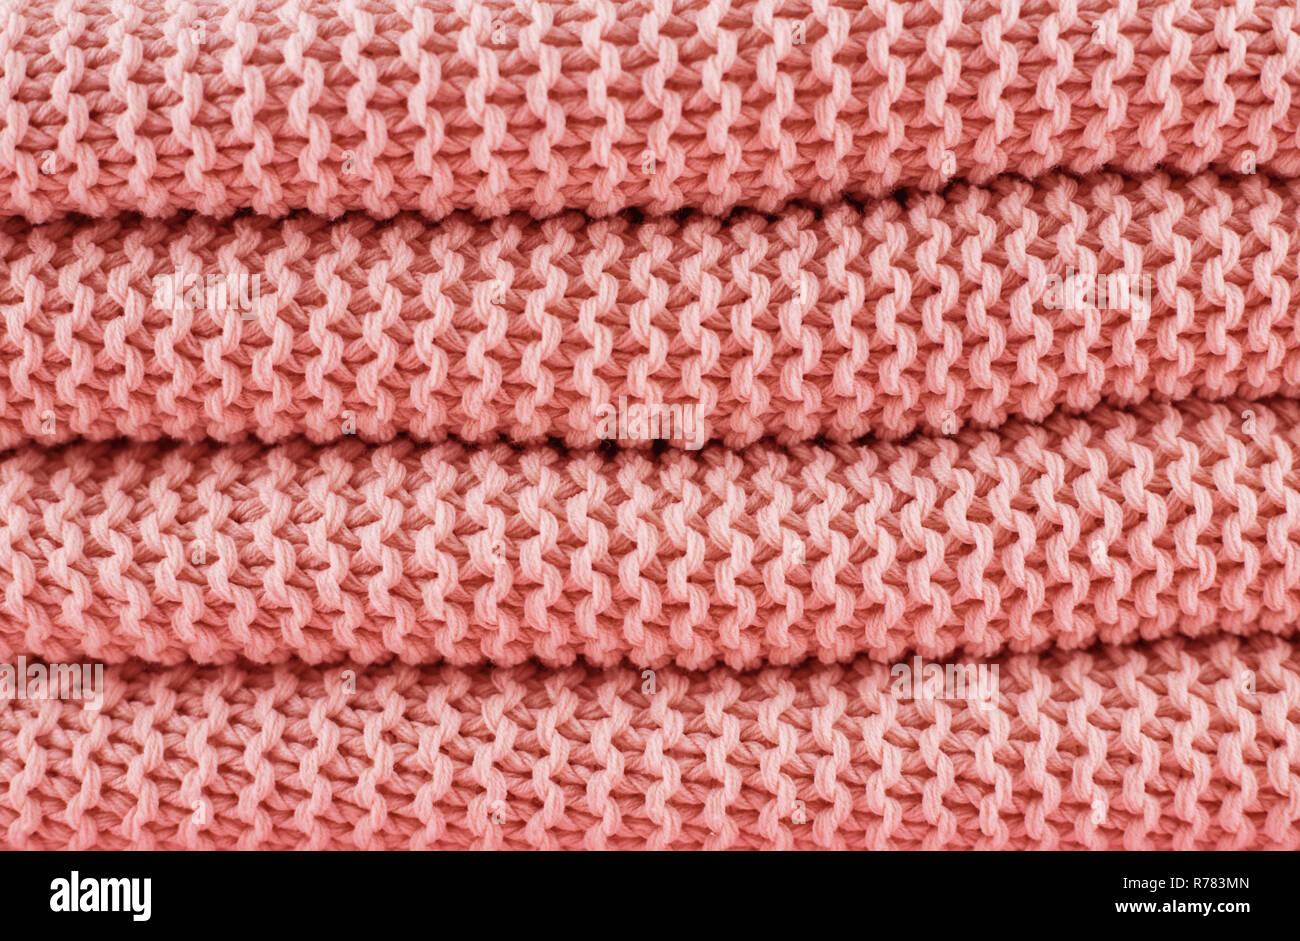 La texture en tricot couleur corail vivant de 2019. Photo Stock